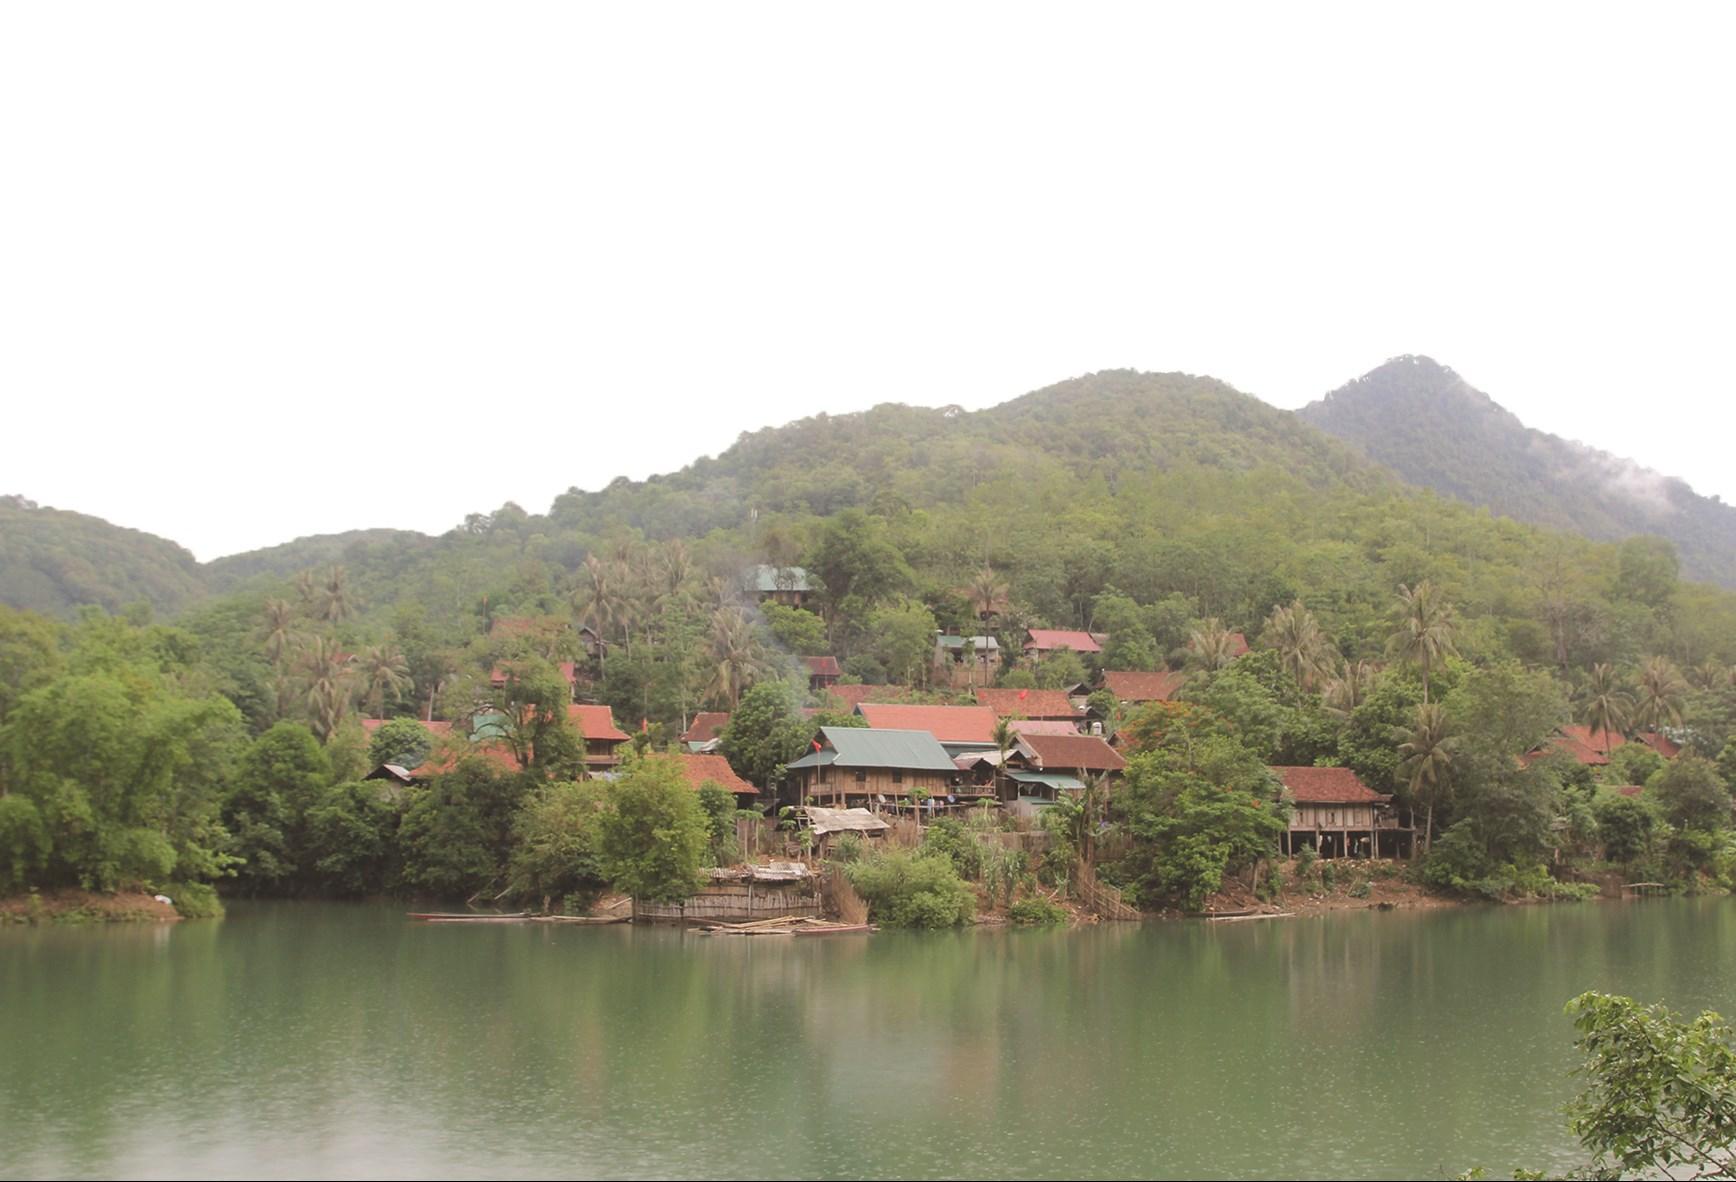 Người Ơ-đu thường sống xen kẽ trong cộng đồng người Thái, hoặc Khơ-mú (Ảnh chụp tại xã Lượng minh, huyện Tương Dương, Nghệ An)